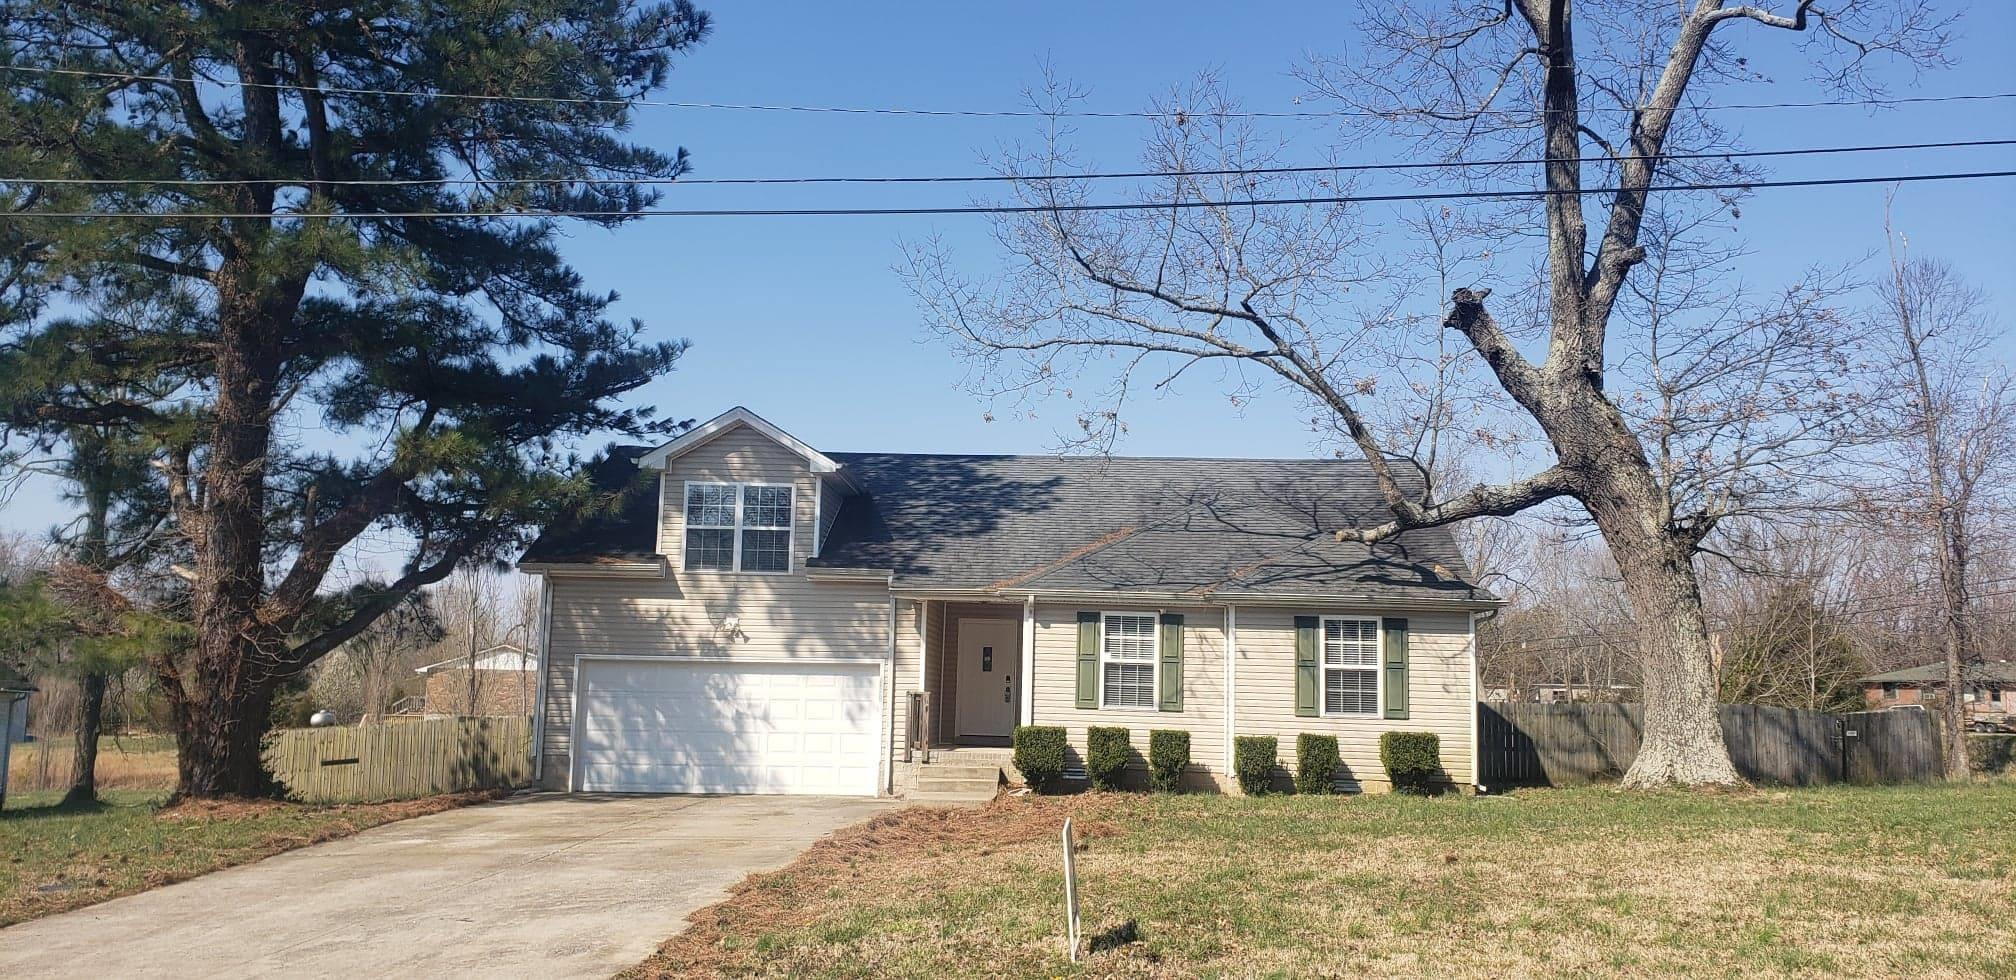 2600 Peach Grove Ln, Woodlawn, TN 37191 - Woodlawn, TN real estate listing